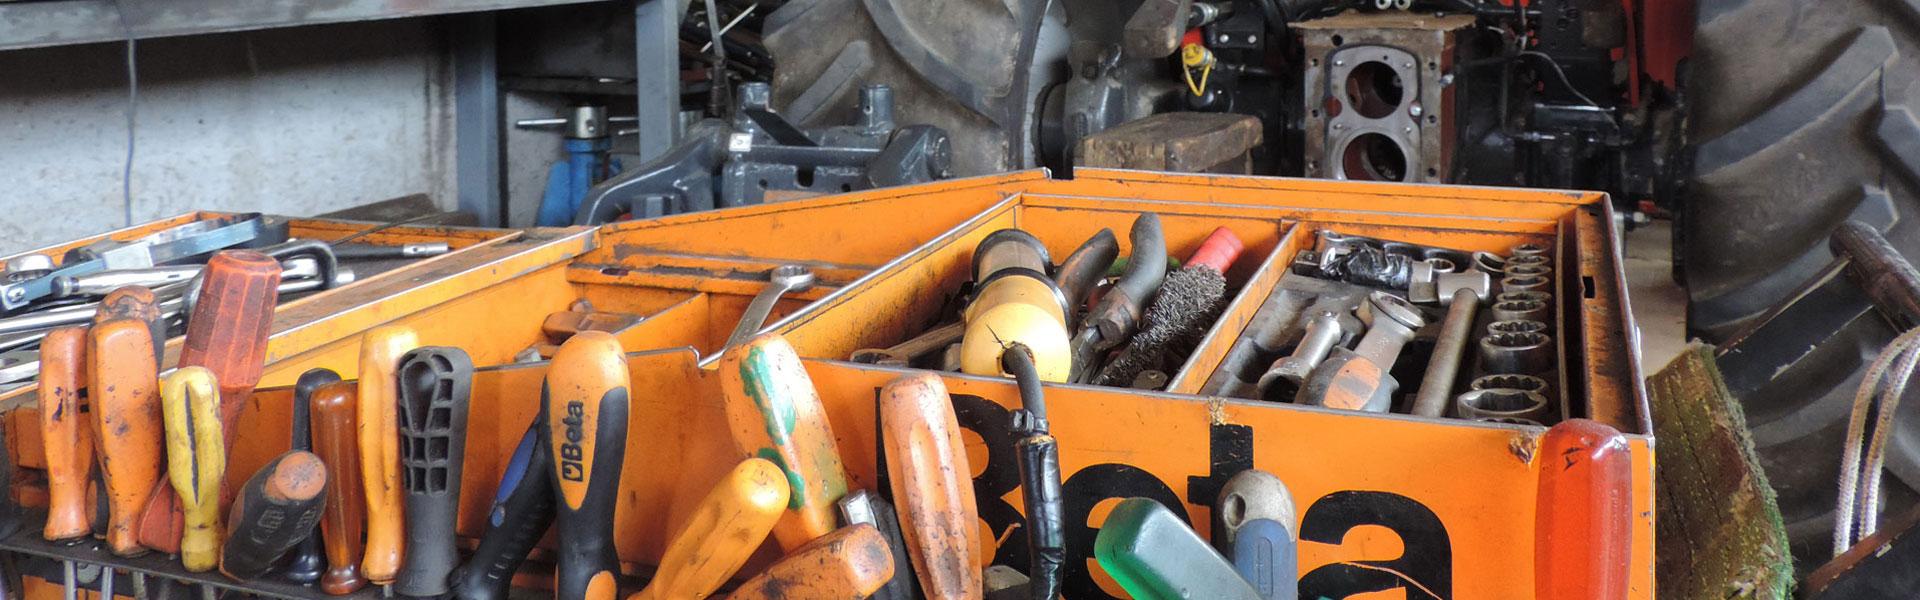 01-officina-riparazioni-ricci-trattori